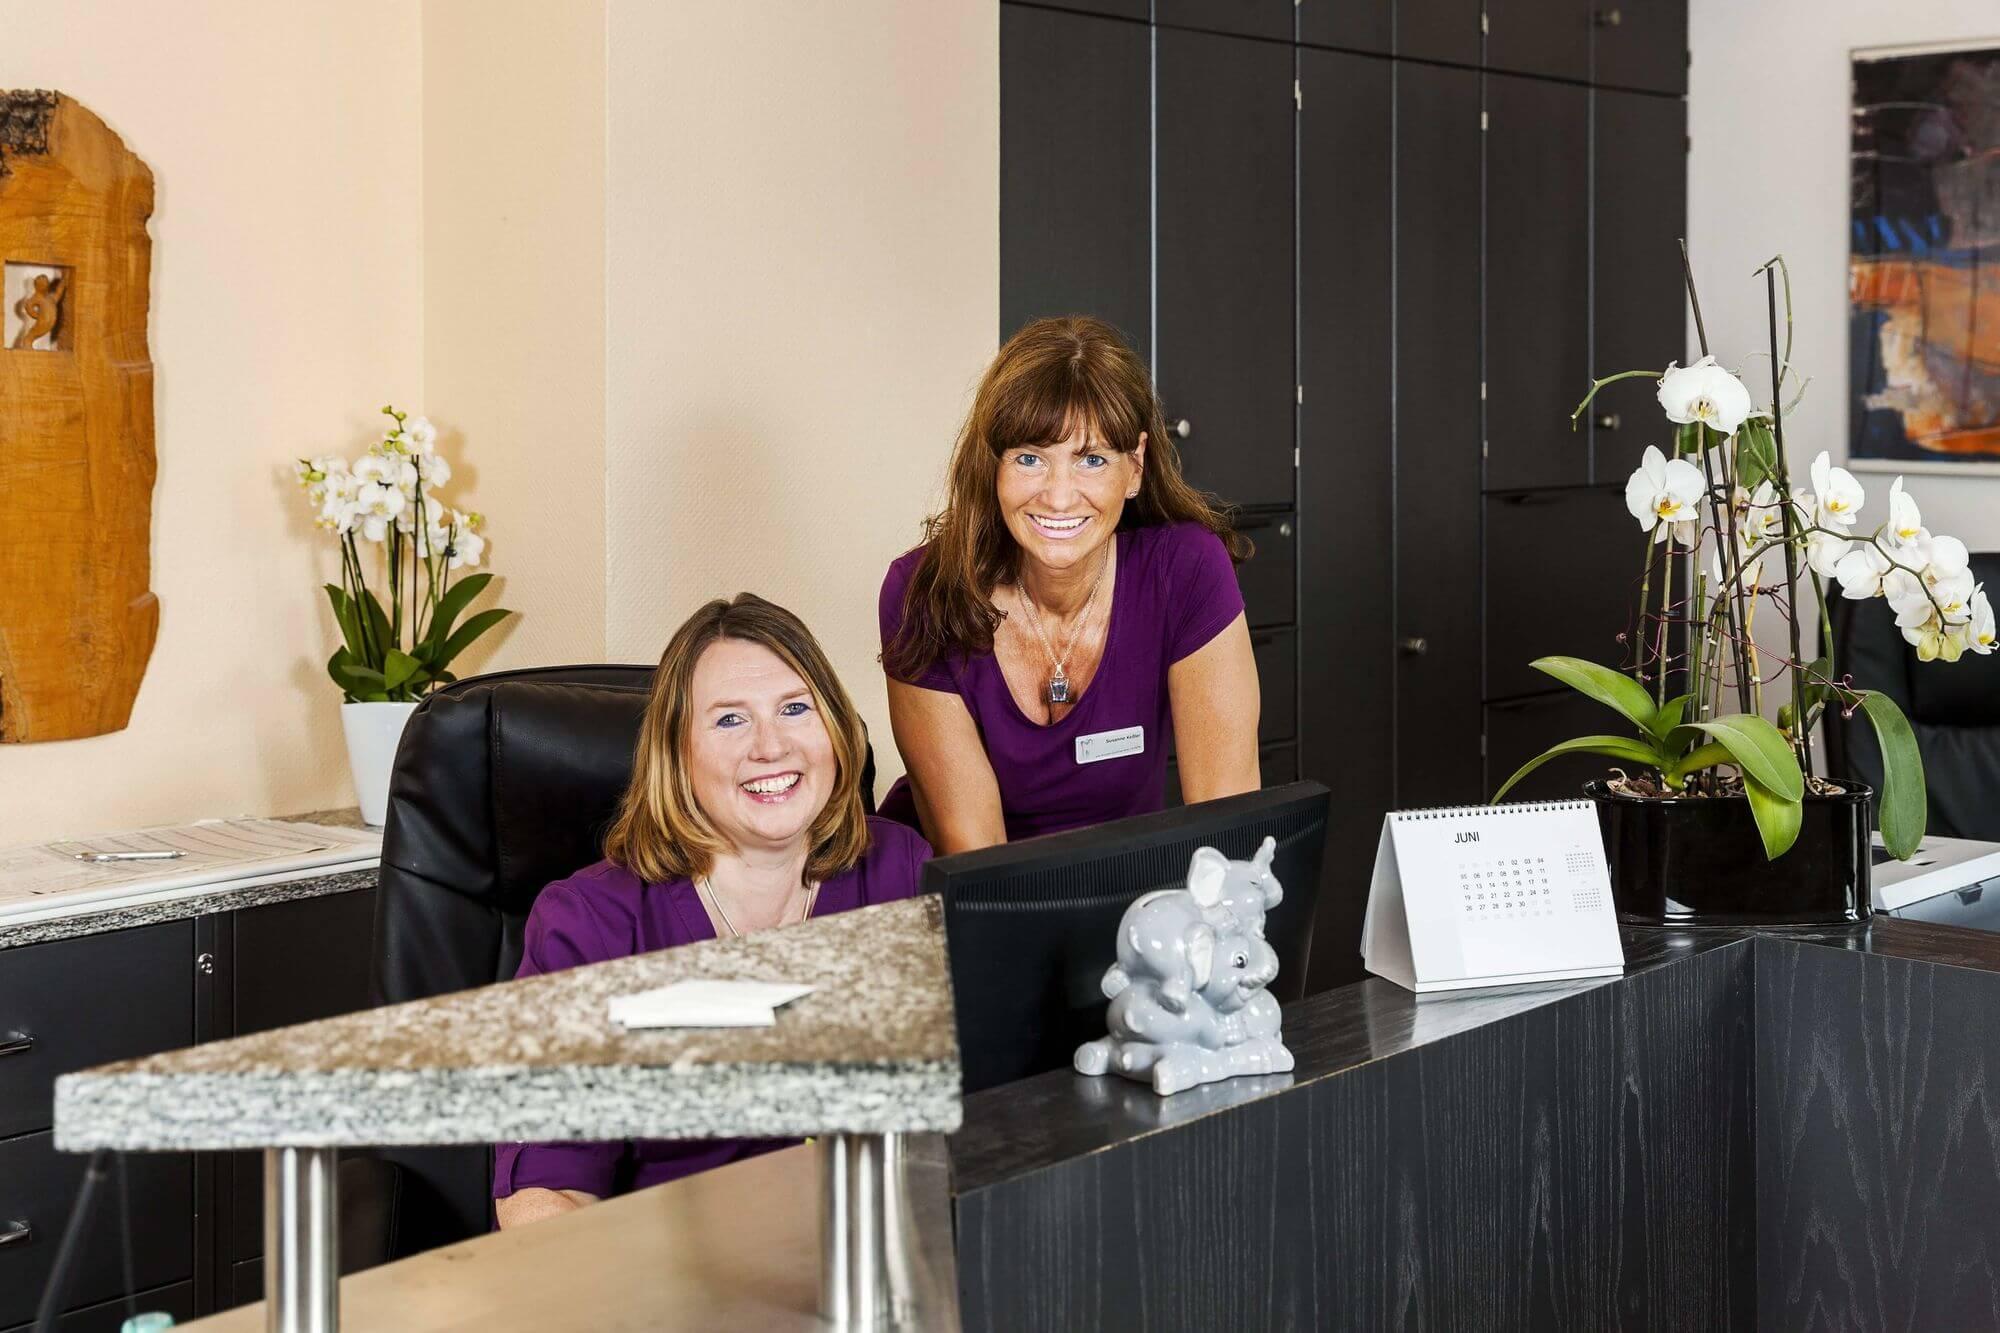 Freundlich lächelnde Mitarbeiterinnen im Empfangsbereich